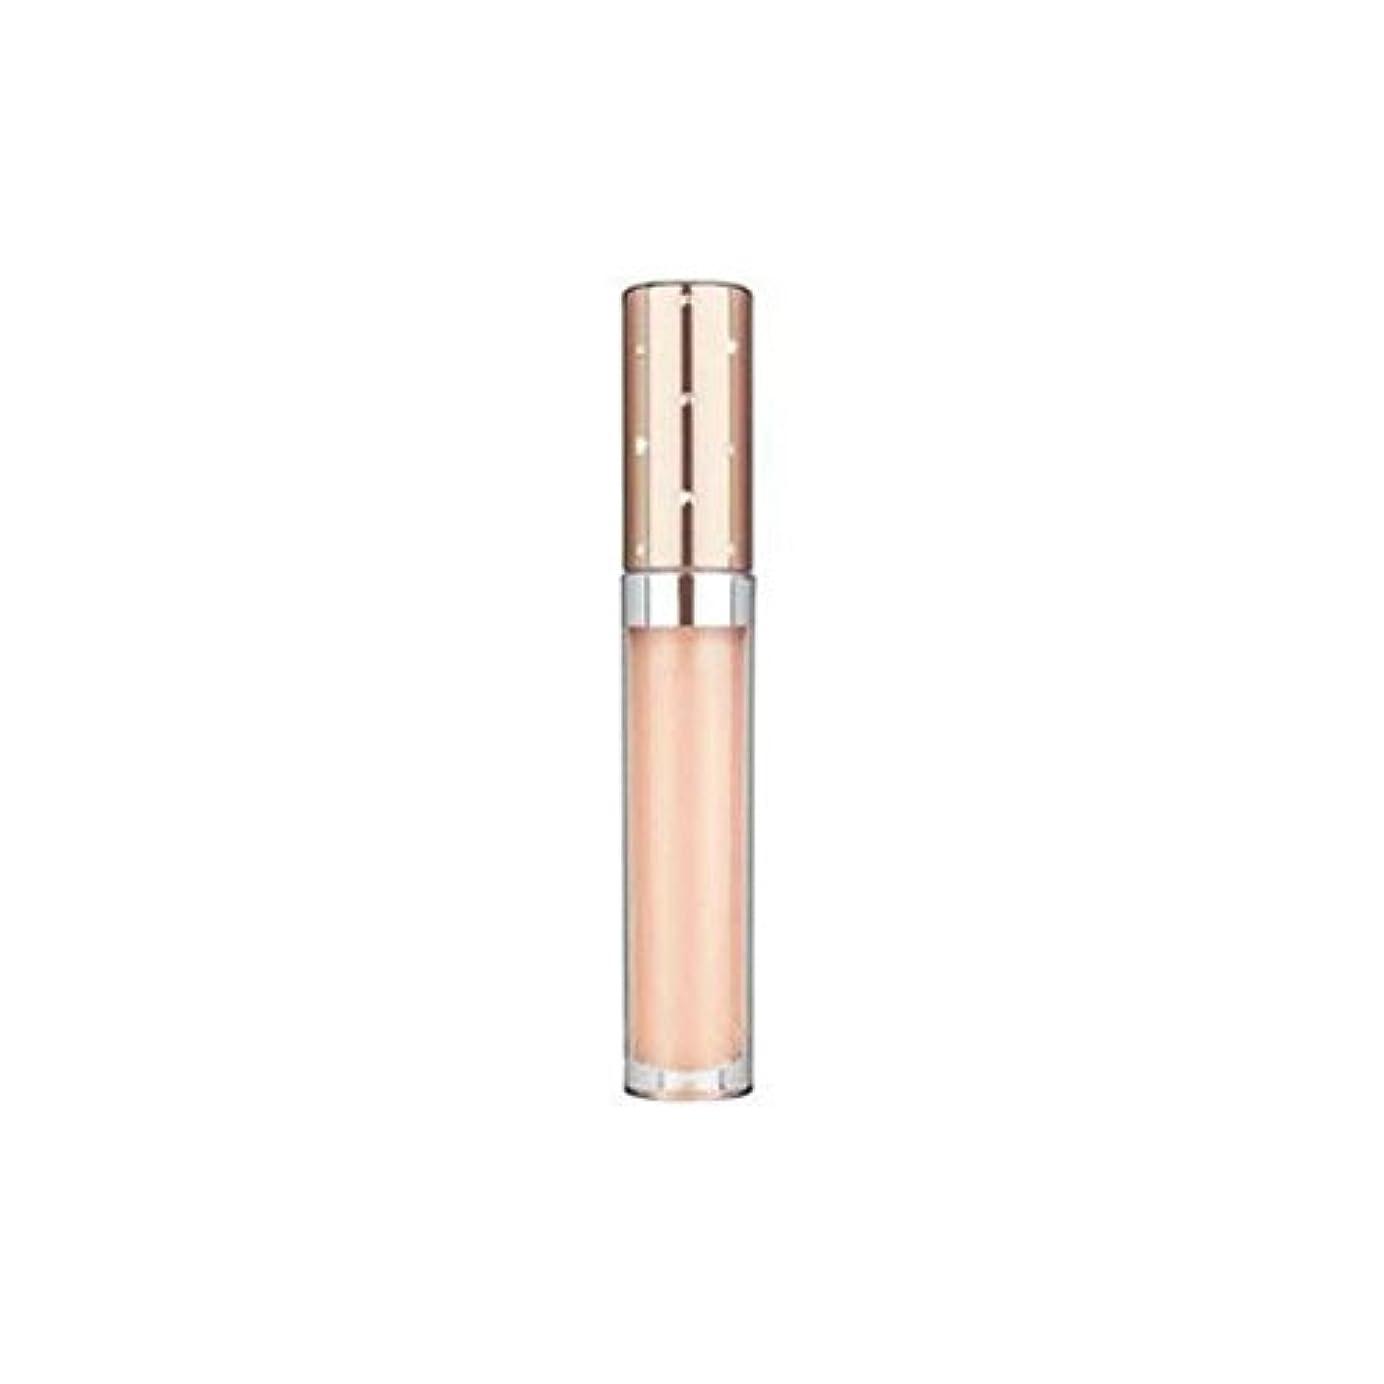 喜びもちろんシリンダーNubo Instant Lip Perfection Spf15 (5ml) (Pack of 6) - インスタントリップパーフェクション15(5ミリリットル) x6 [並行輸入品]